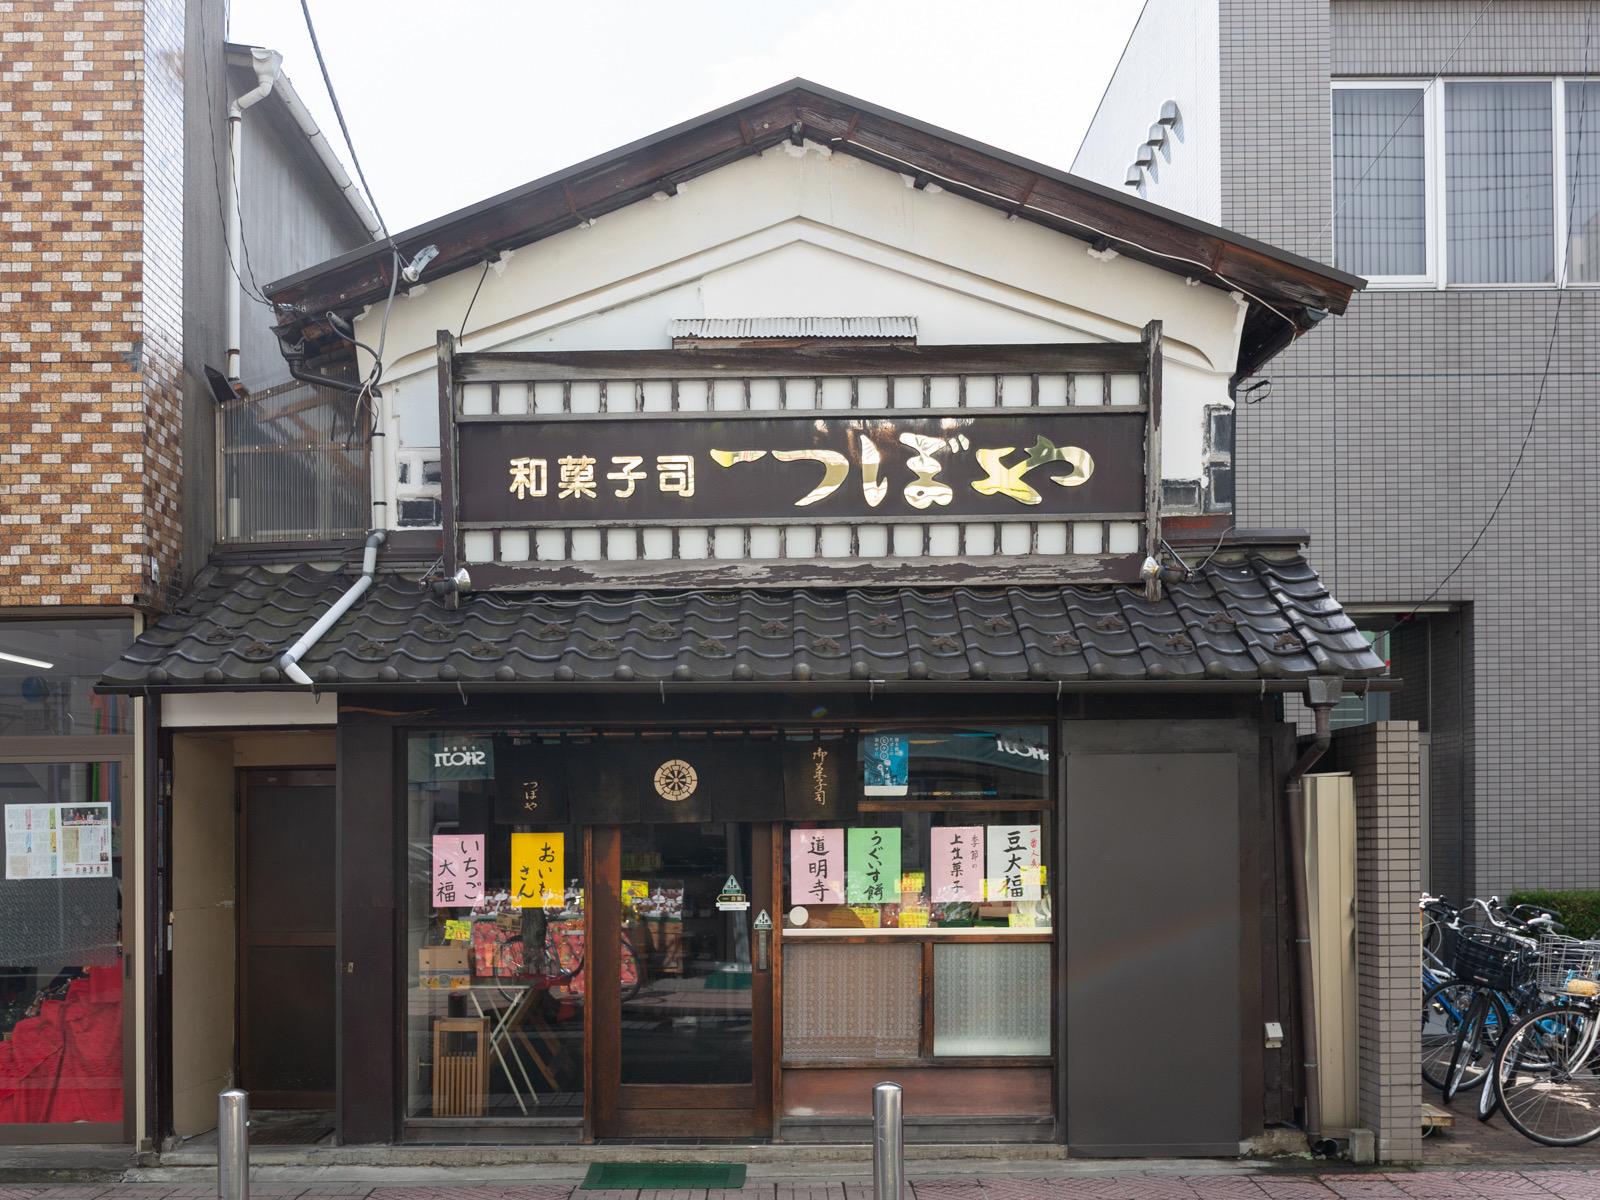 つぼや河原町店